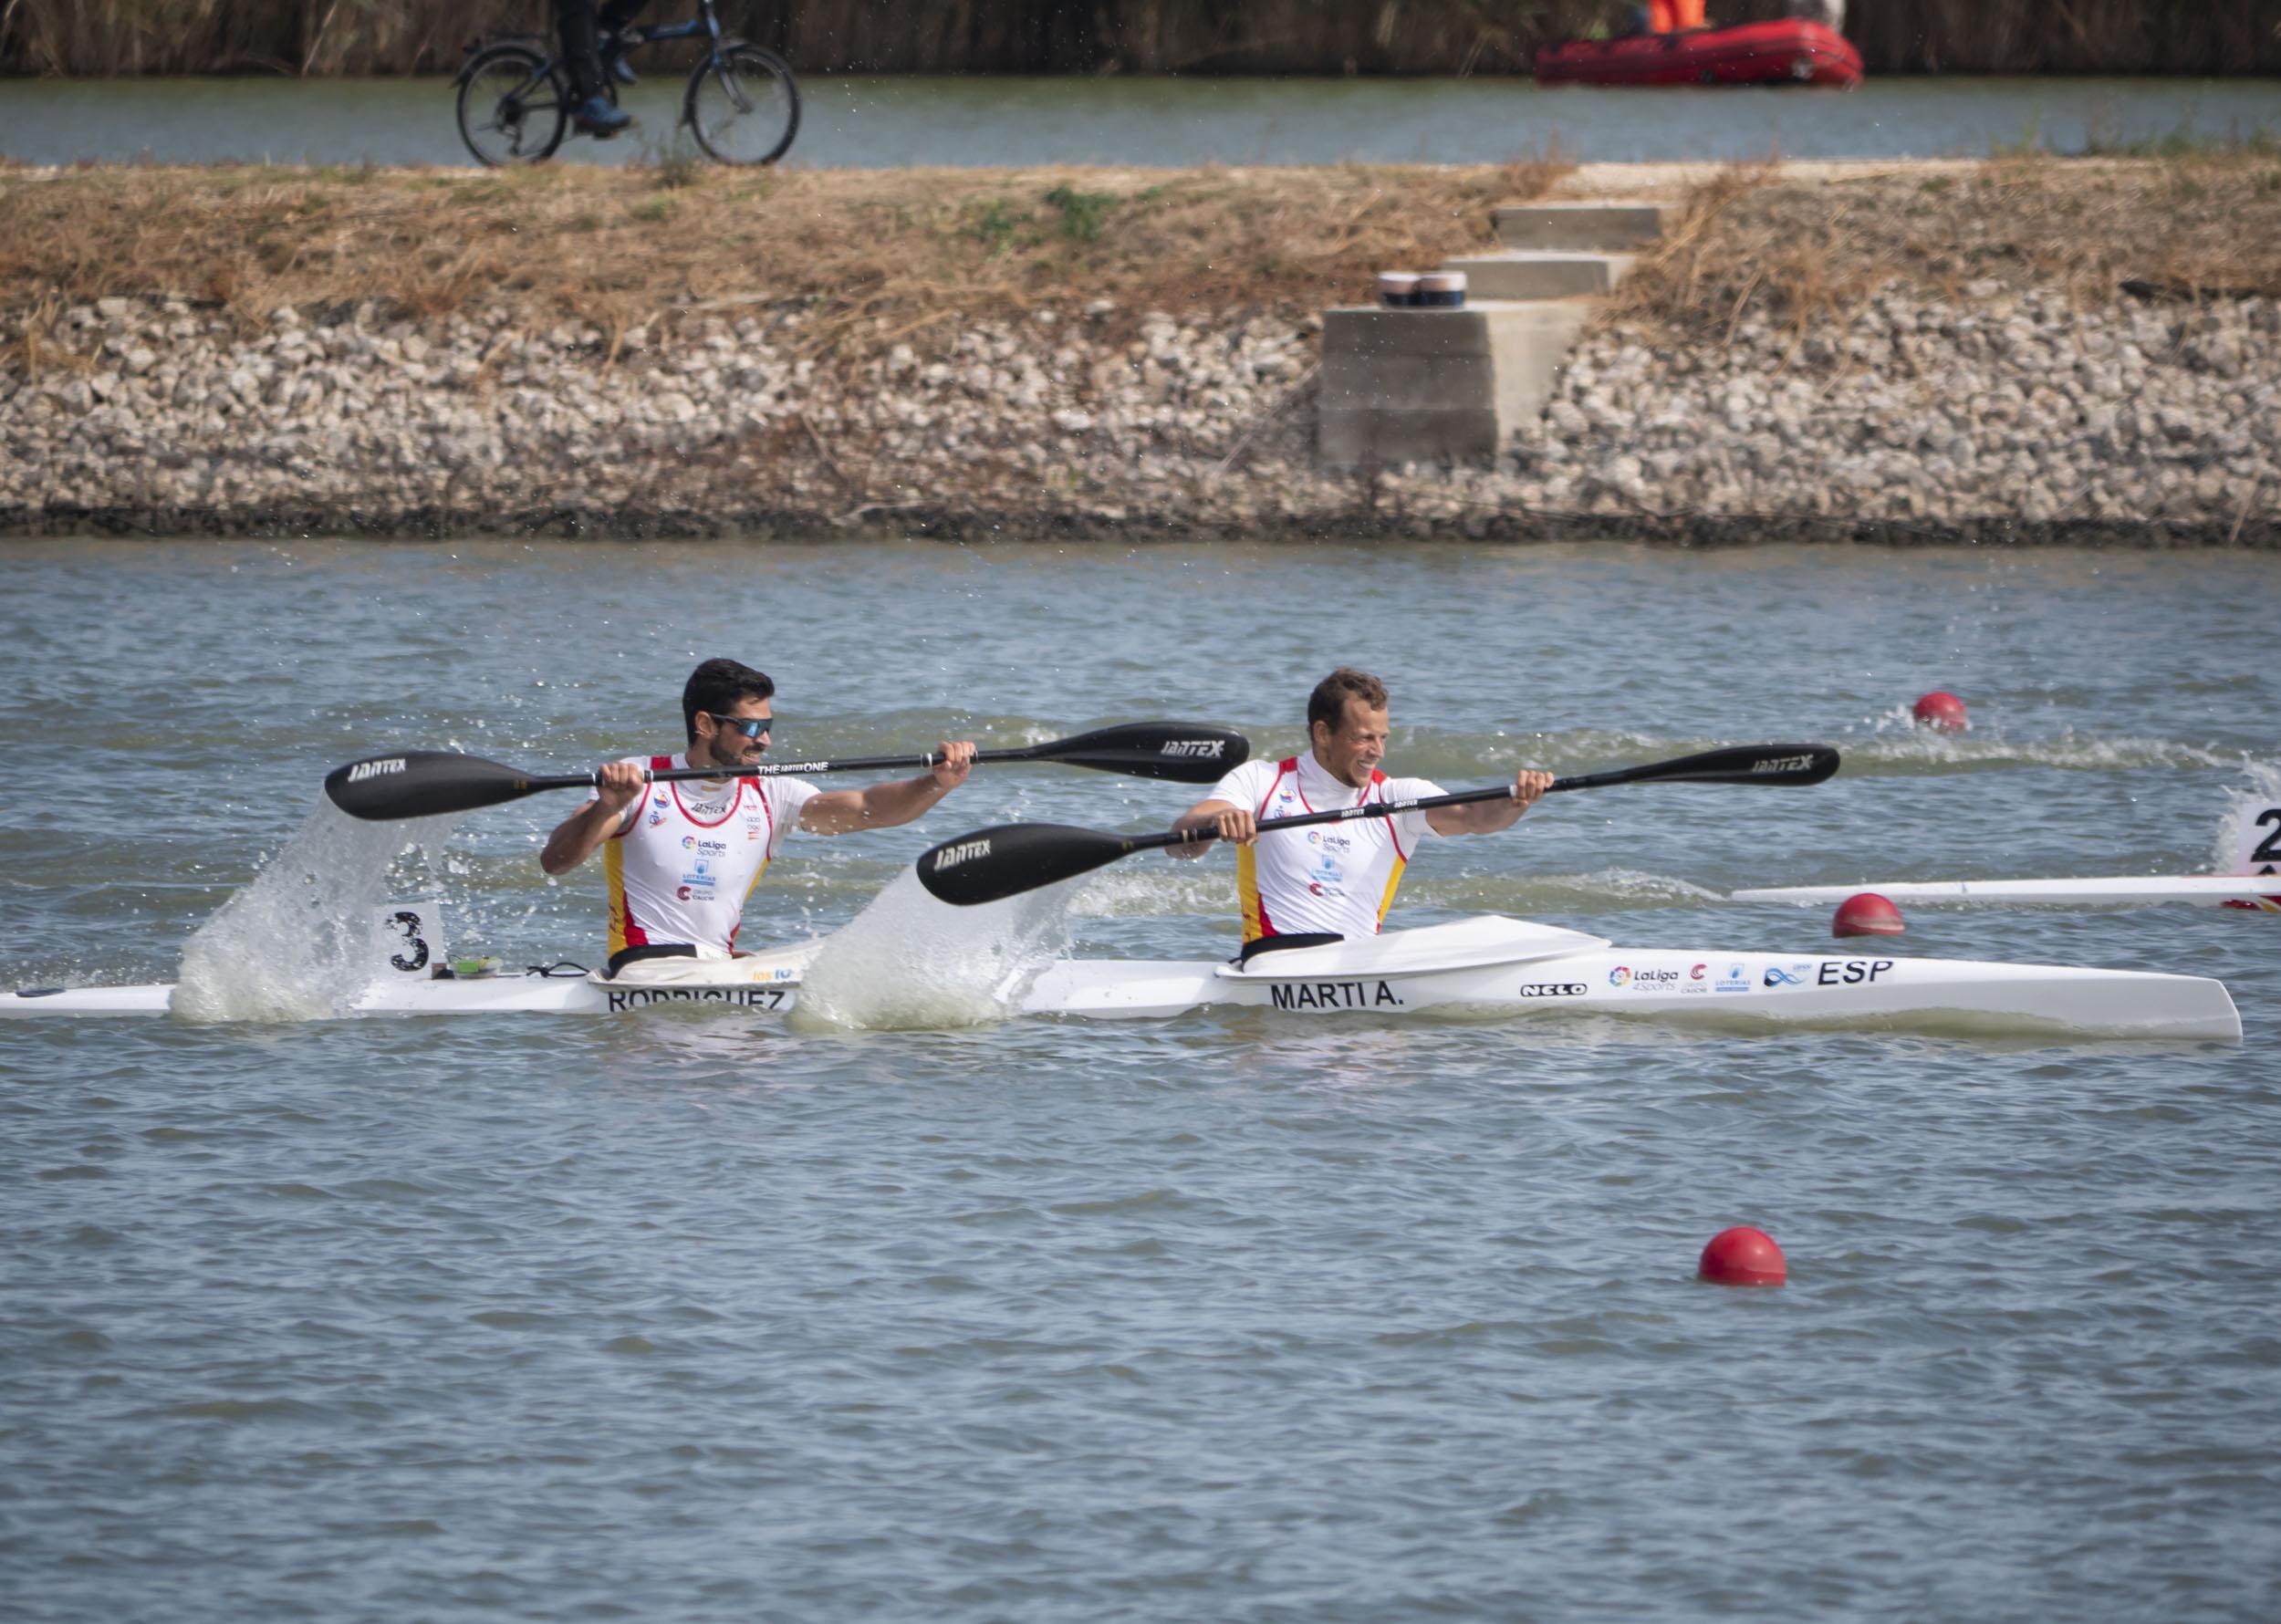 Albert Martí e Roi Rodríguez do Kayak Tudense oro na Copa do Mundo de Hungría